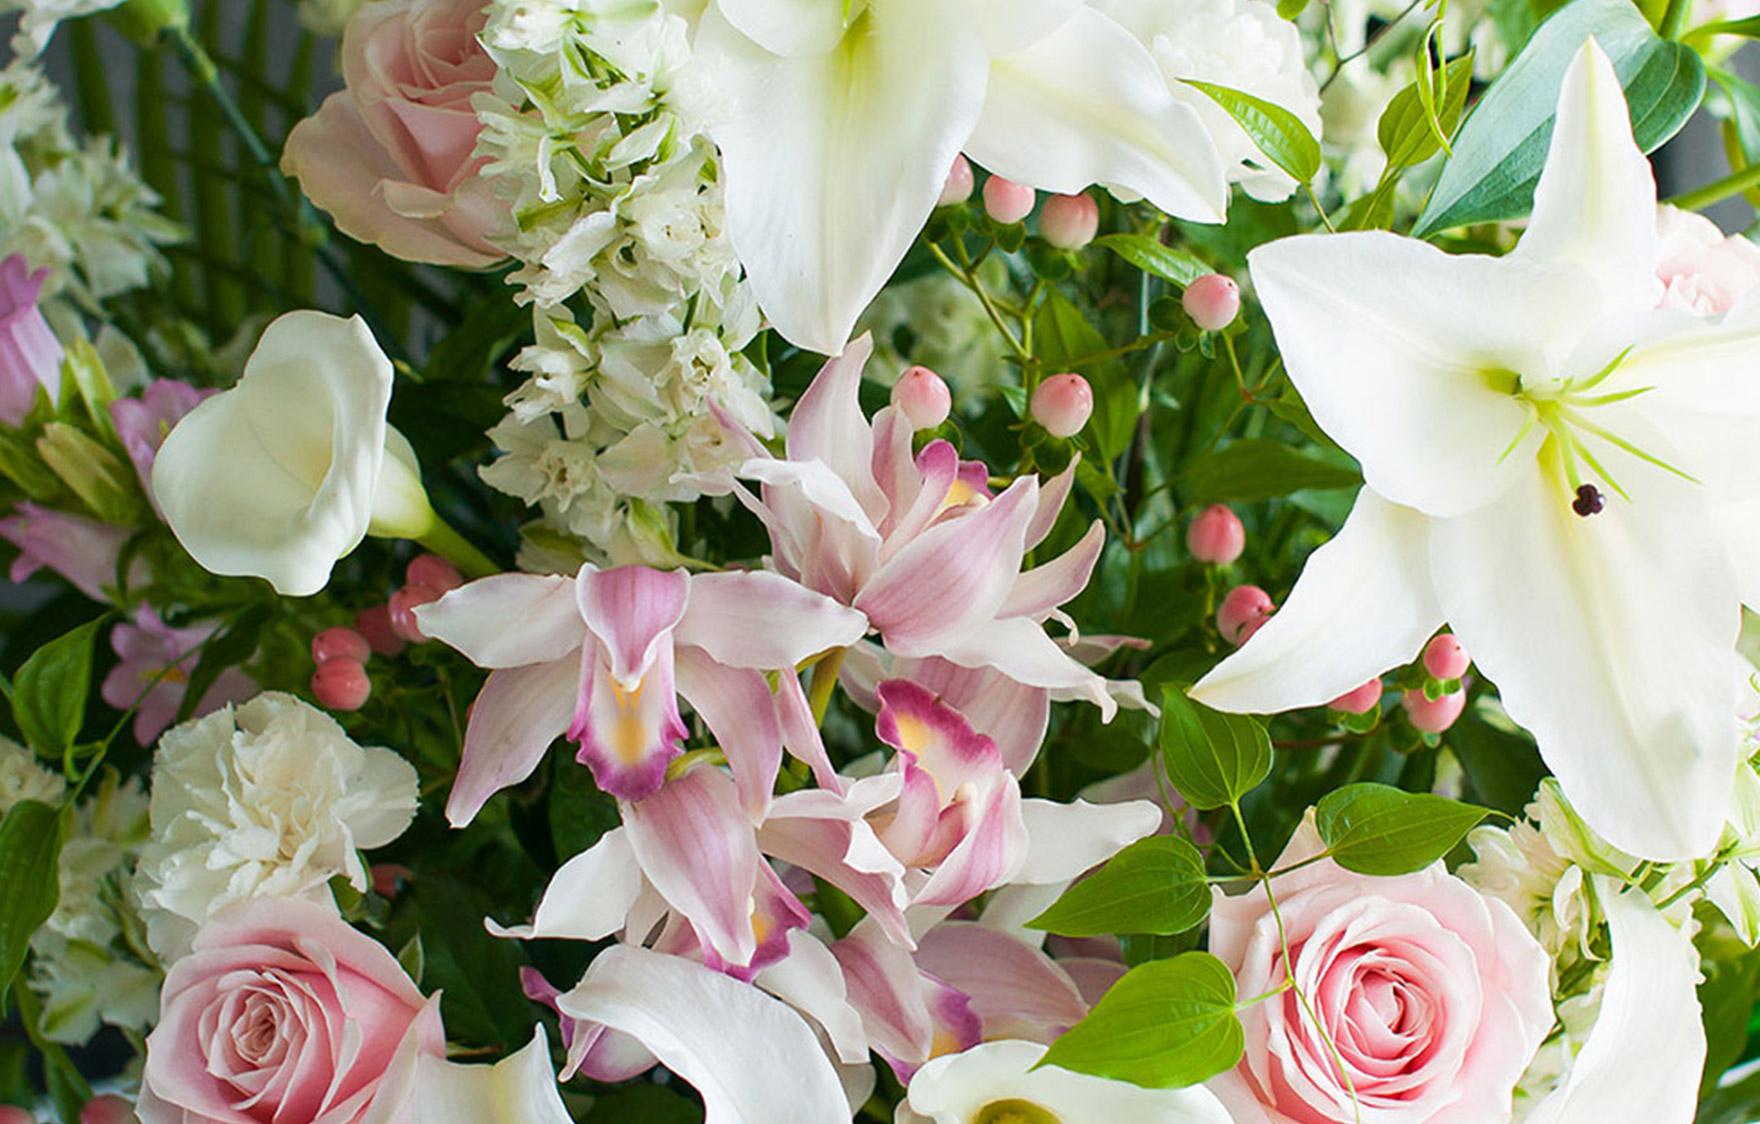 ピンク色のお花を入れた四十九日のお供え花